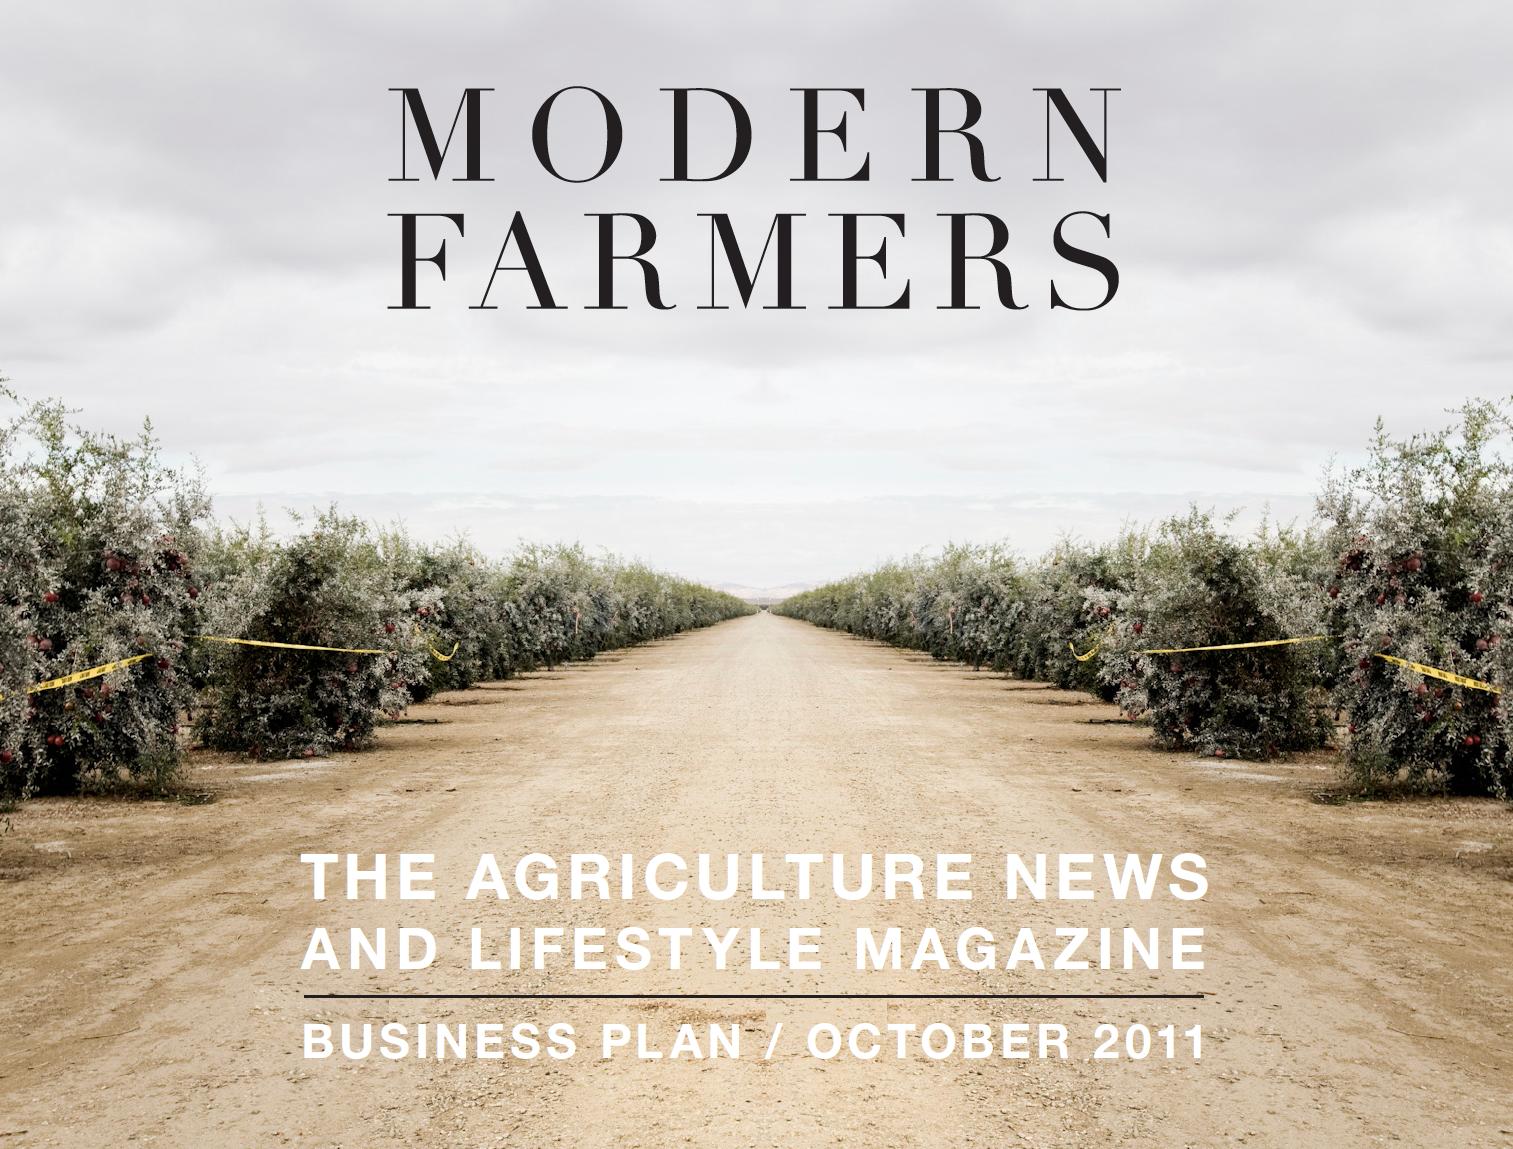 modern farmer business plan